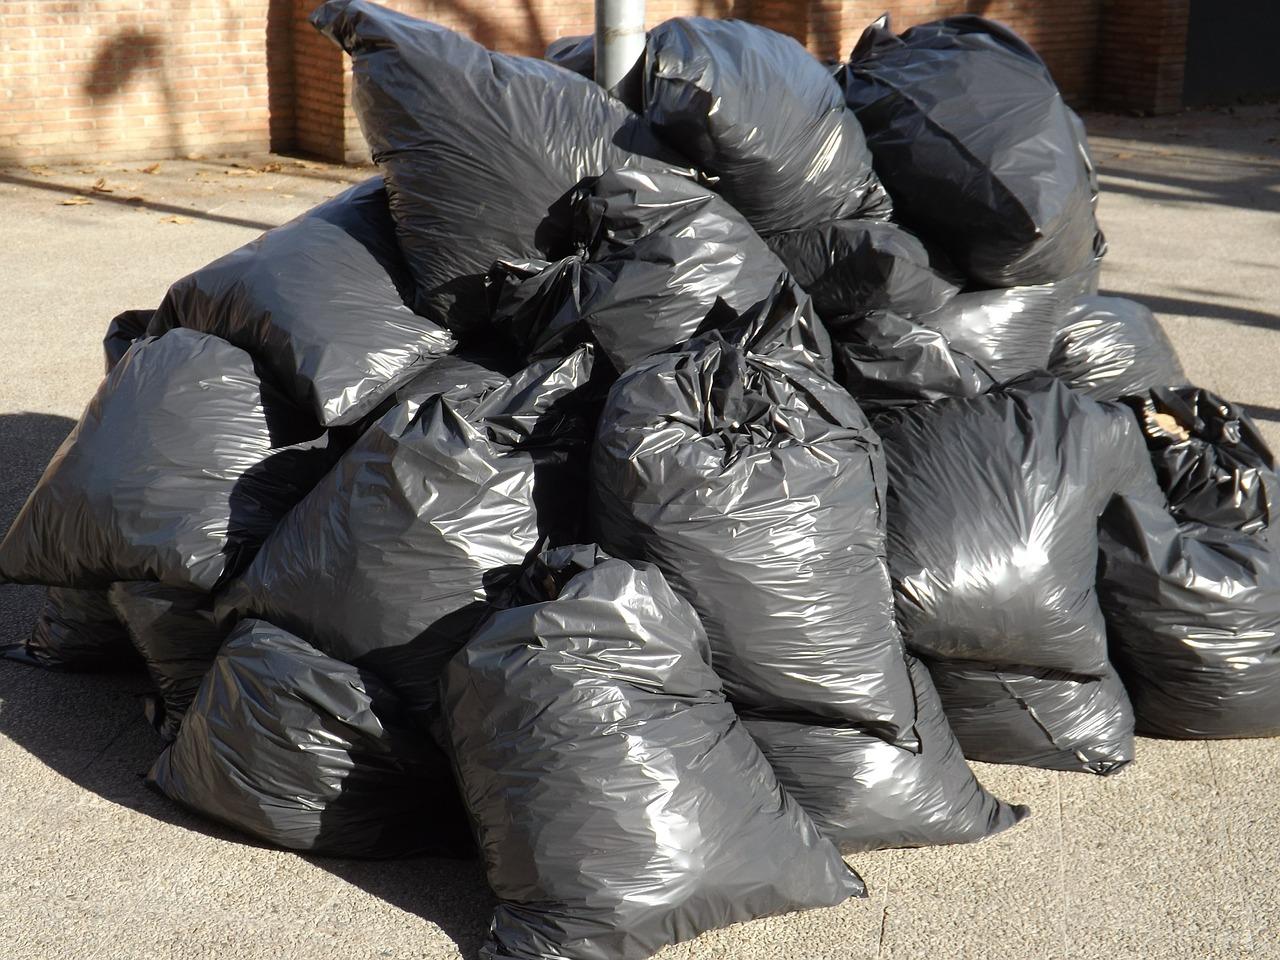 Wzrosną ceny za śmieci! - Zdjęcie główne